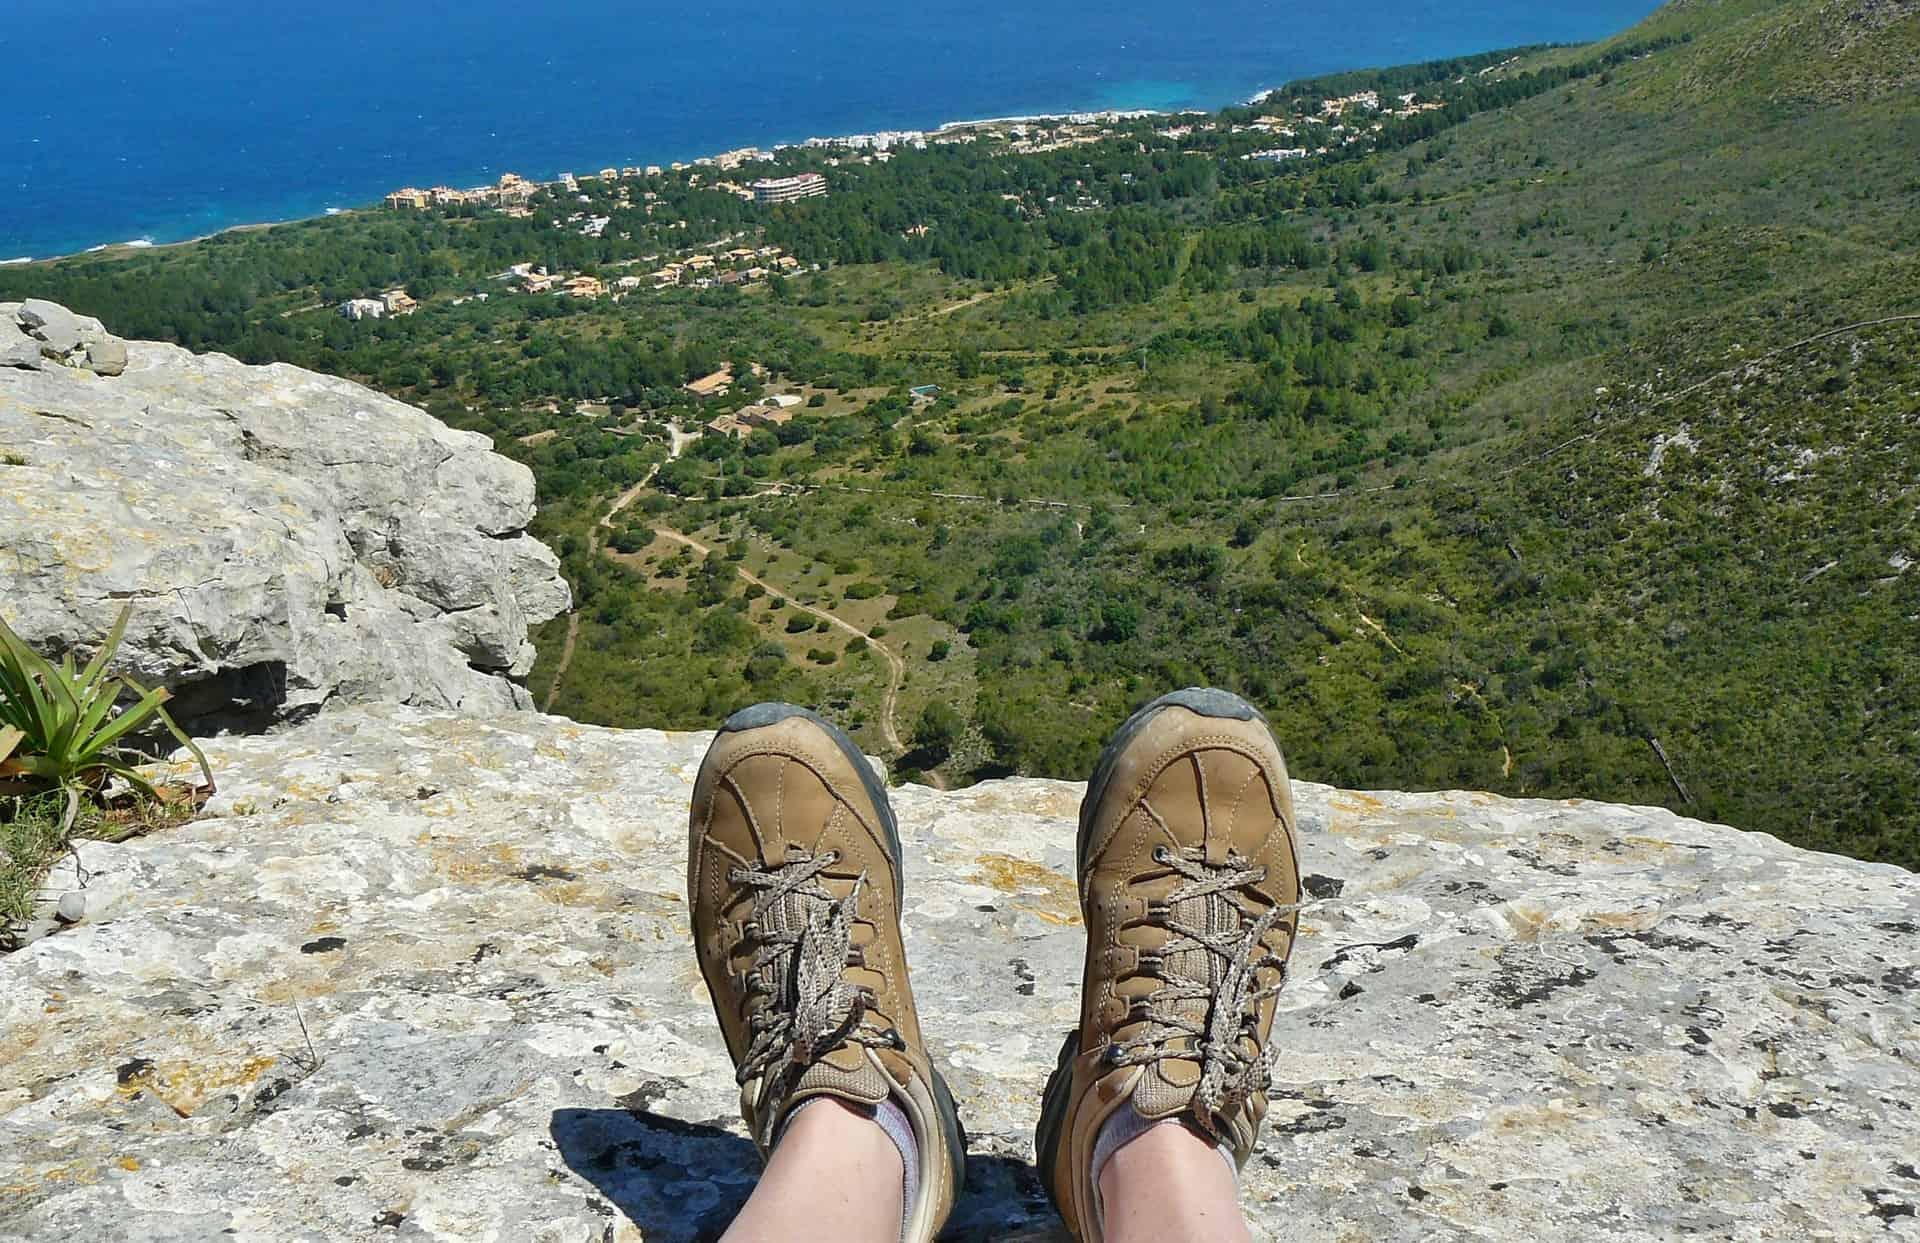 Leichte Wanderschuhe: Test & Empfehlungen (05/21)